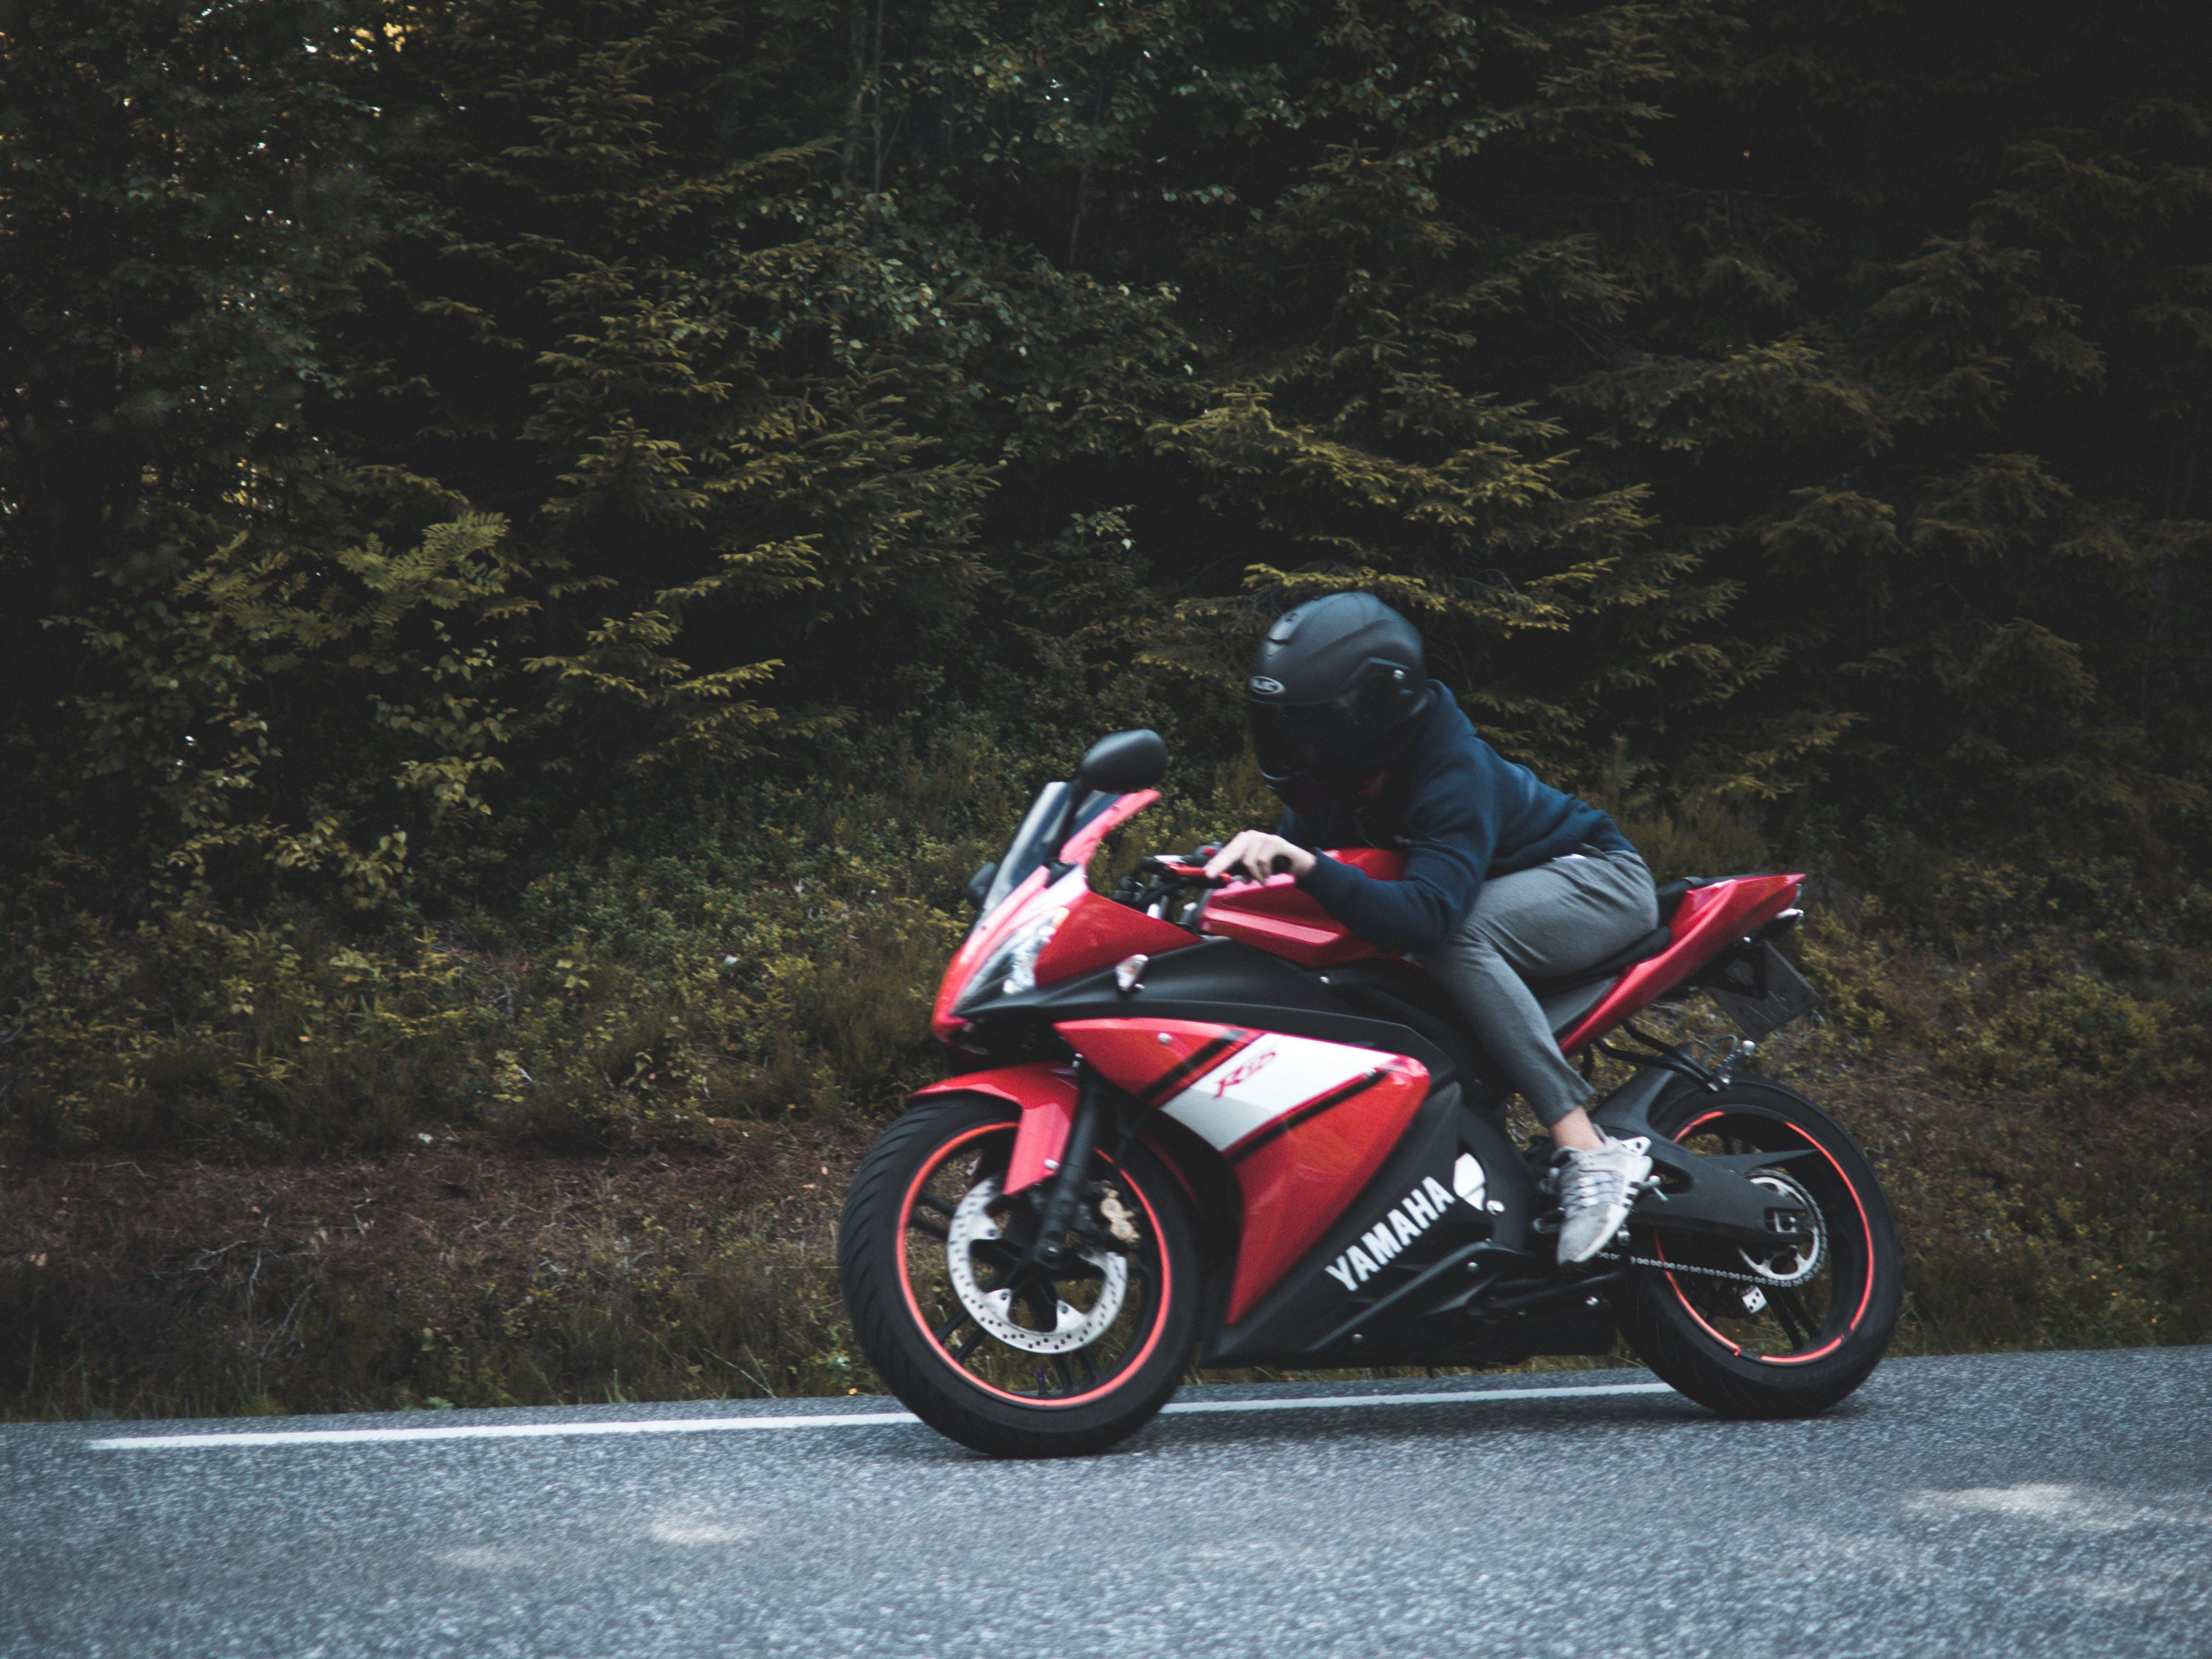 akce, biker, dopravní systém